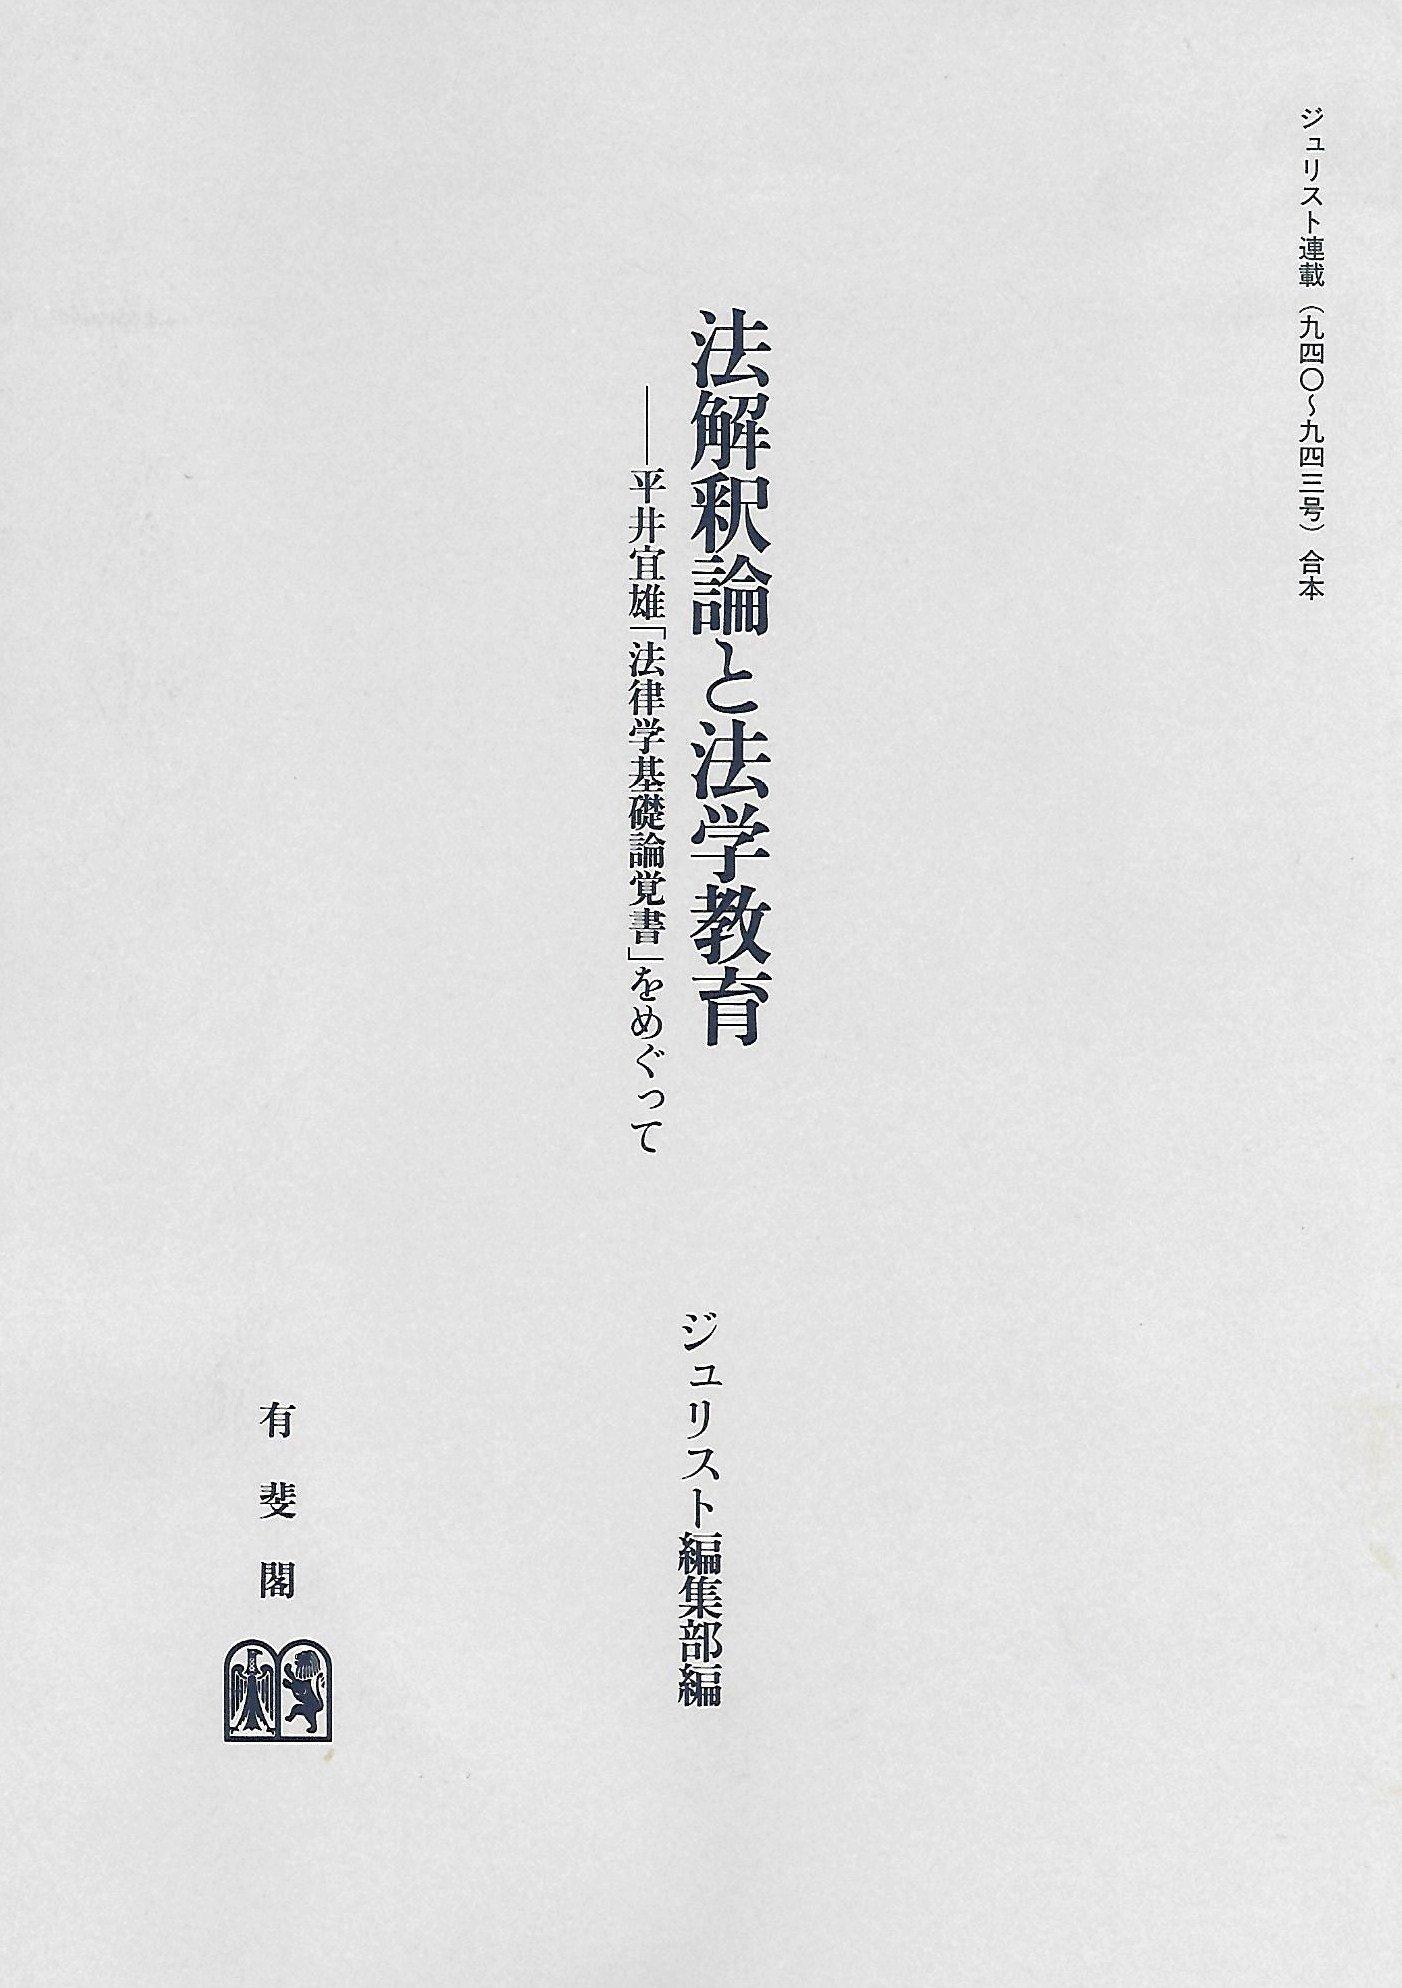 法解釈論と法学教育―平井宜雄「法律学基礎論覚書」をめぐって ...